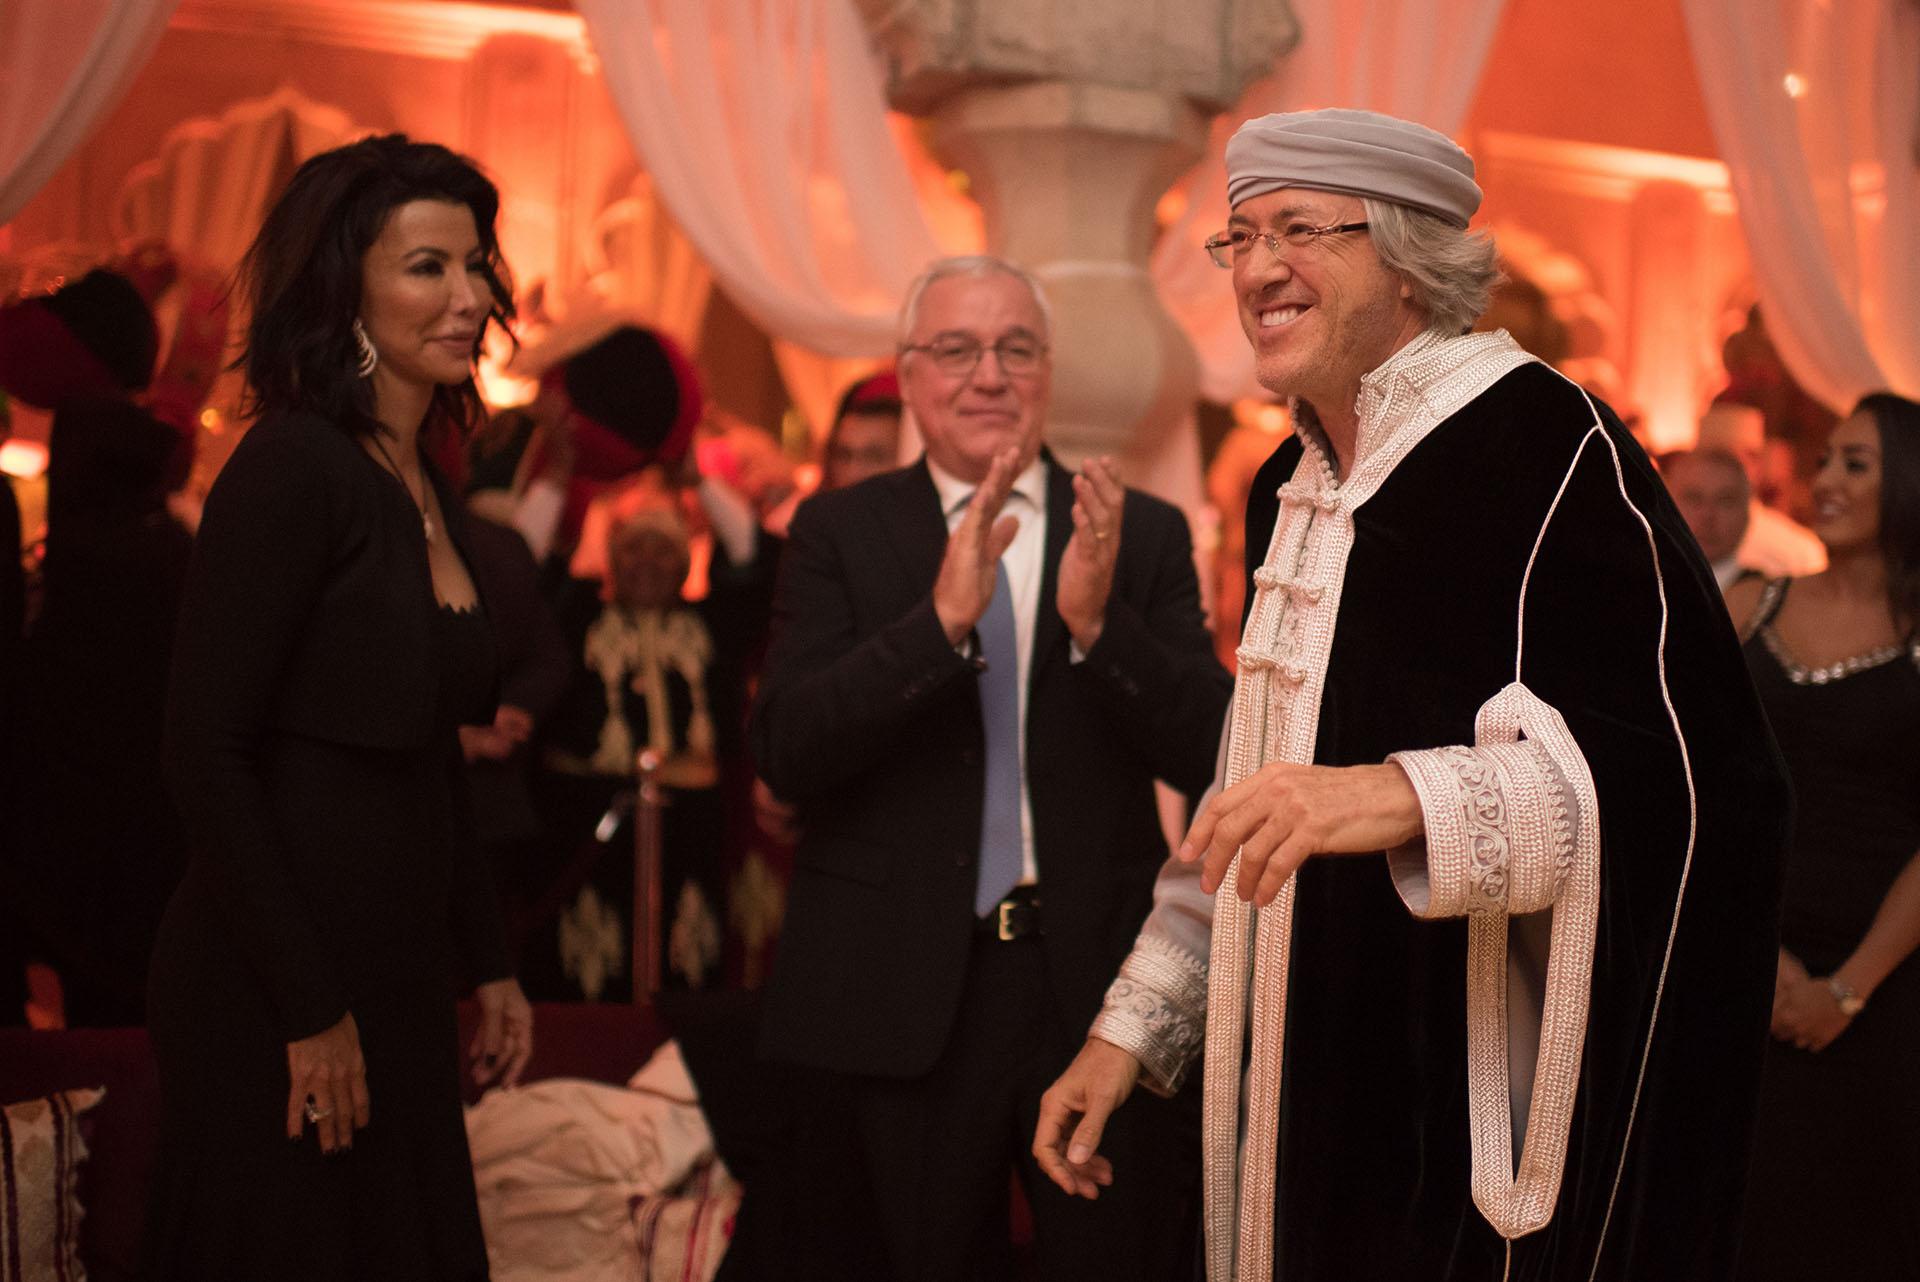 Alejandro Roemmers vistió una túnica blanca y negra para su fiesta oriental en el Palais Namaskar